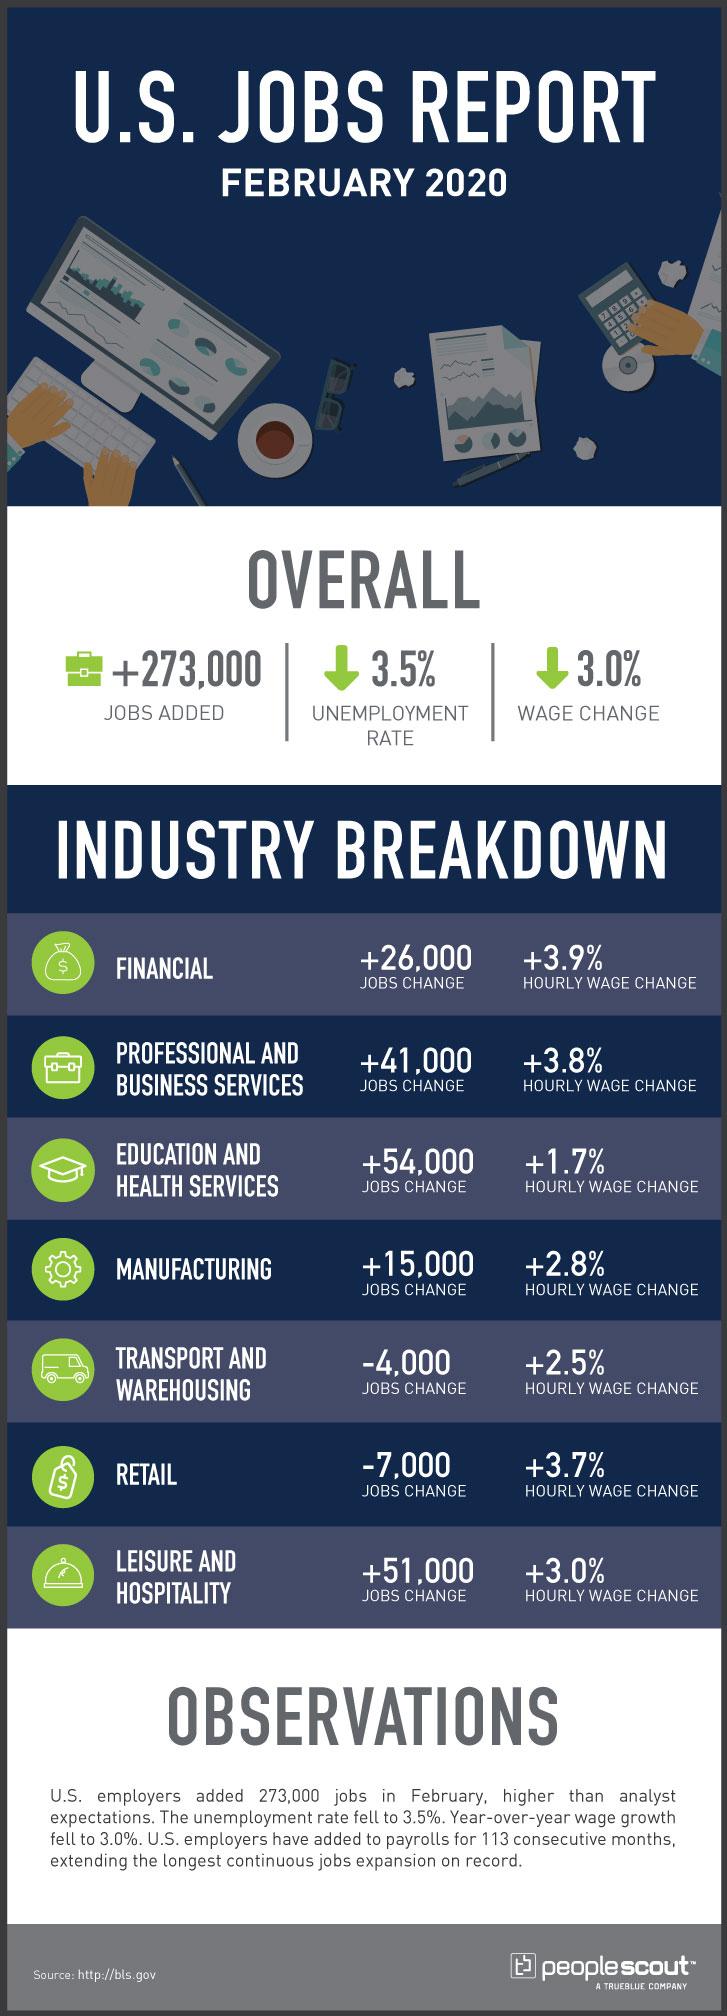 U.S. Jobs Report February 2020